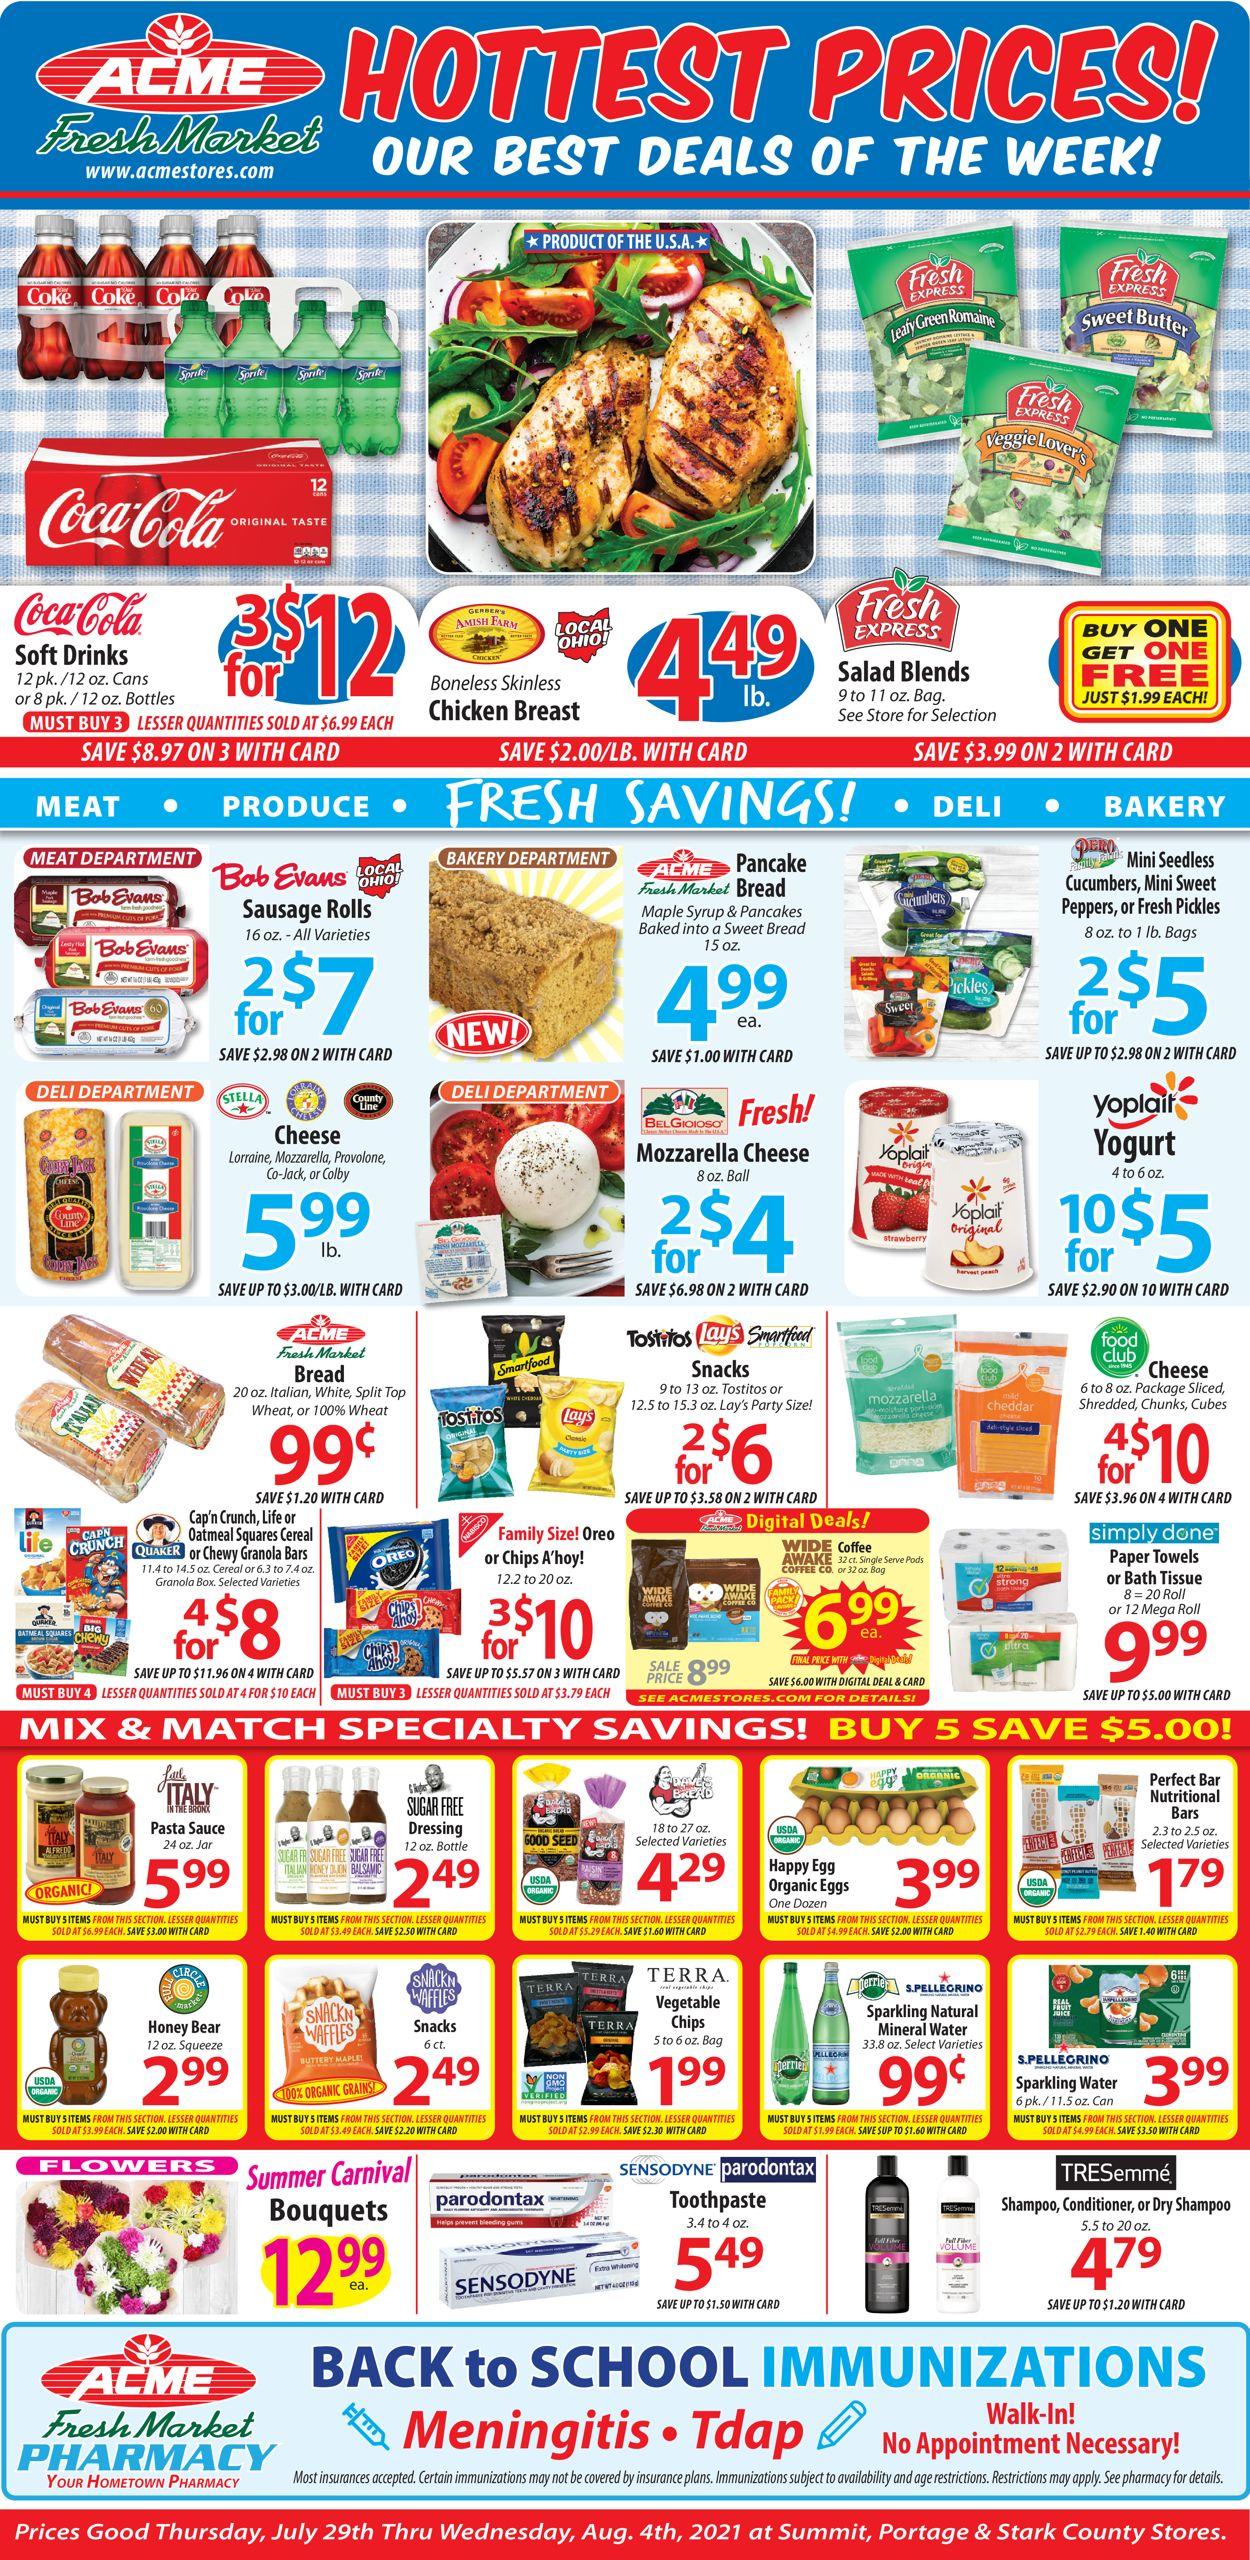 Acme Fresh Market Weekly Ad Circular - valid 07/29-08/04/2021 (Page 2)